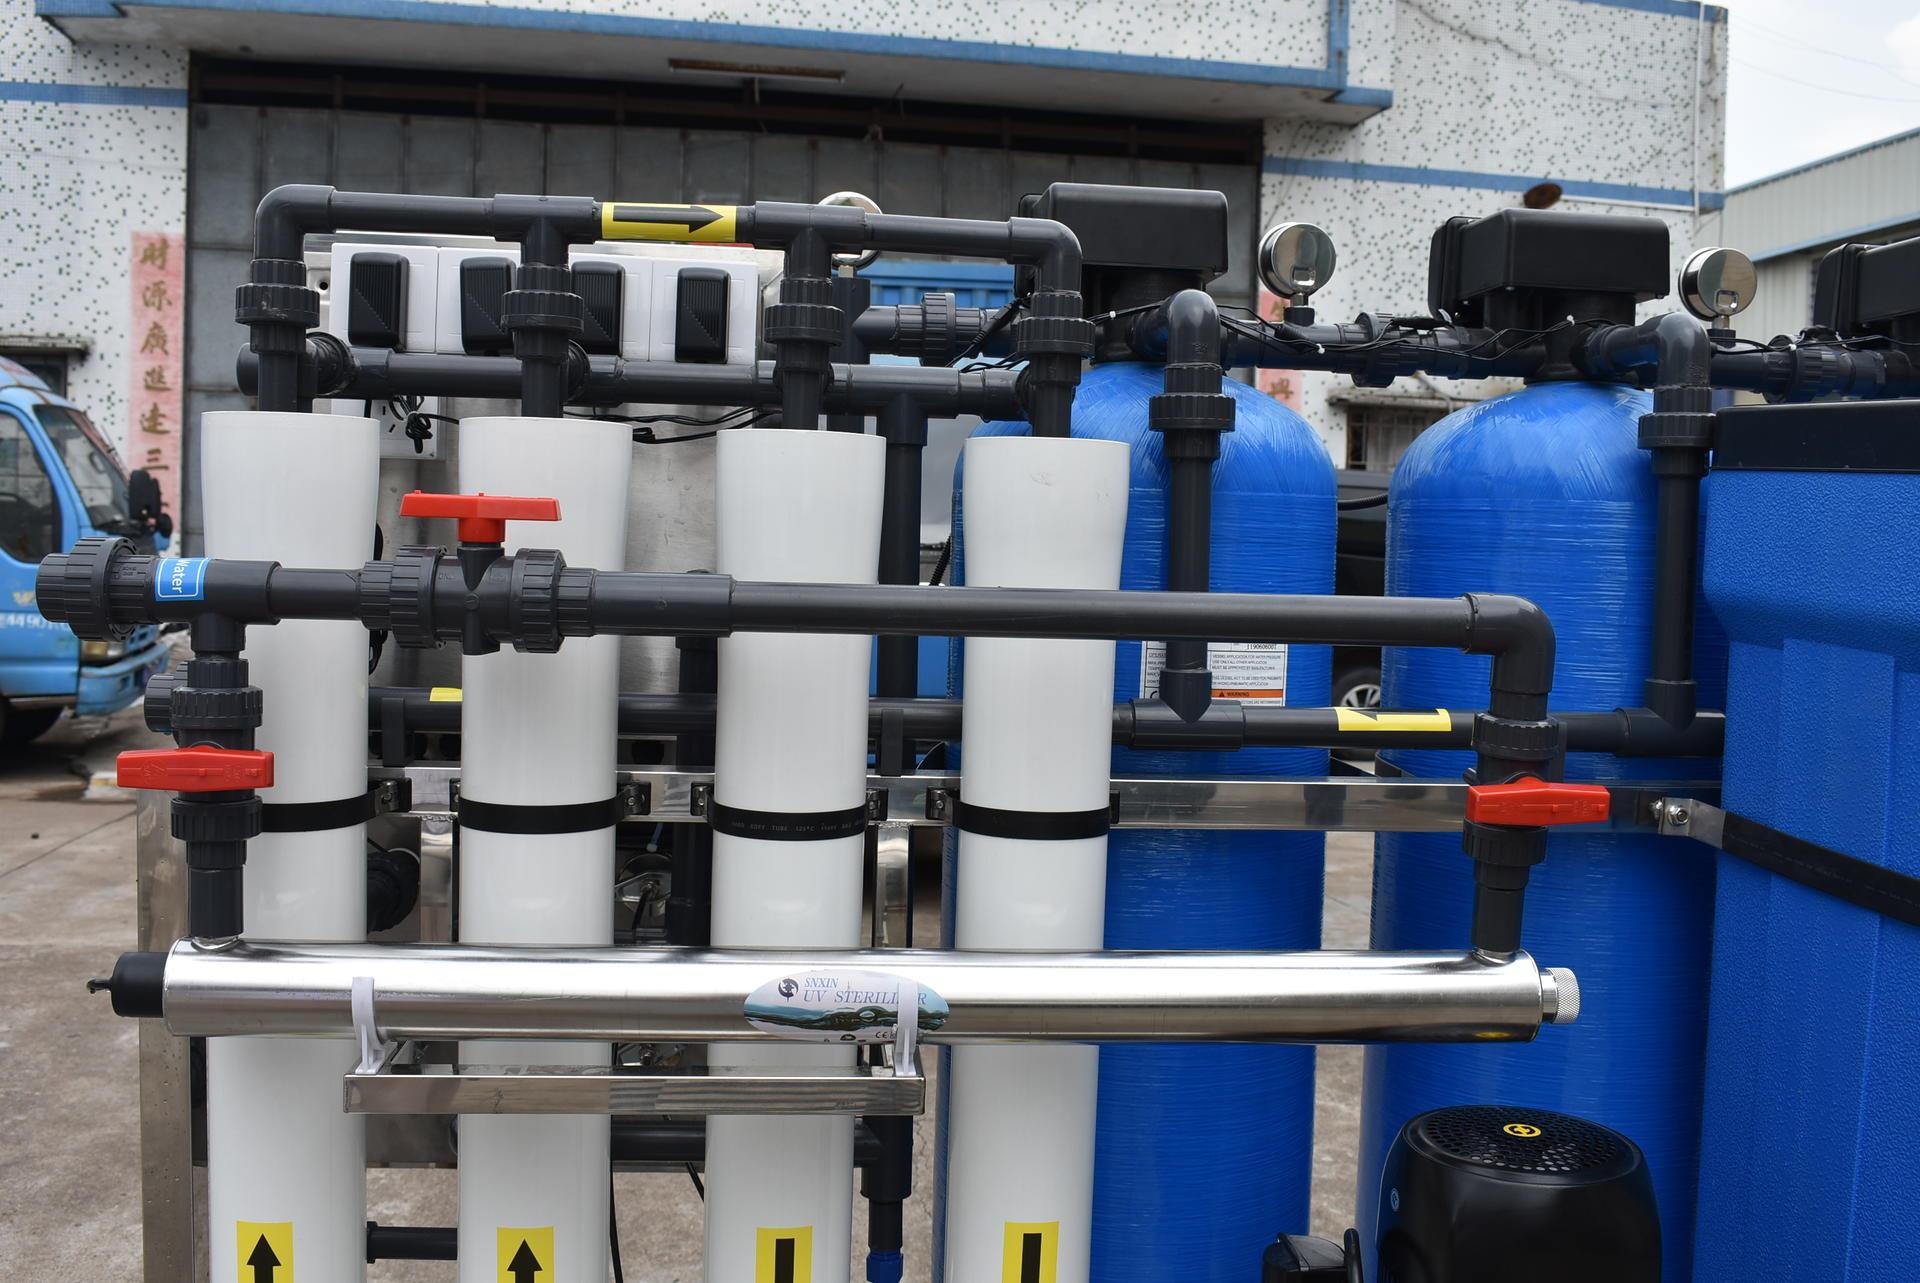 1000 liter per hour Reverse osmosis Filtre aeau pour eau potable